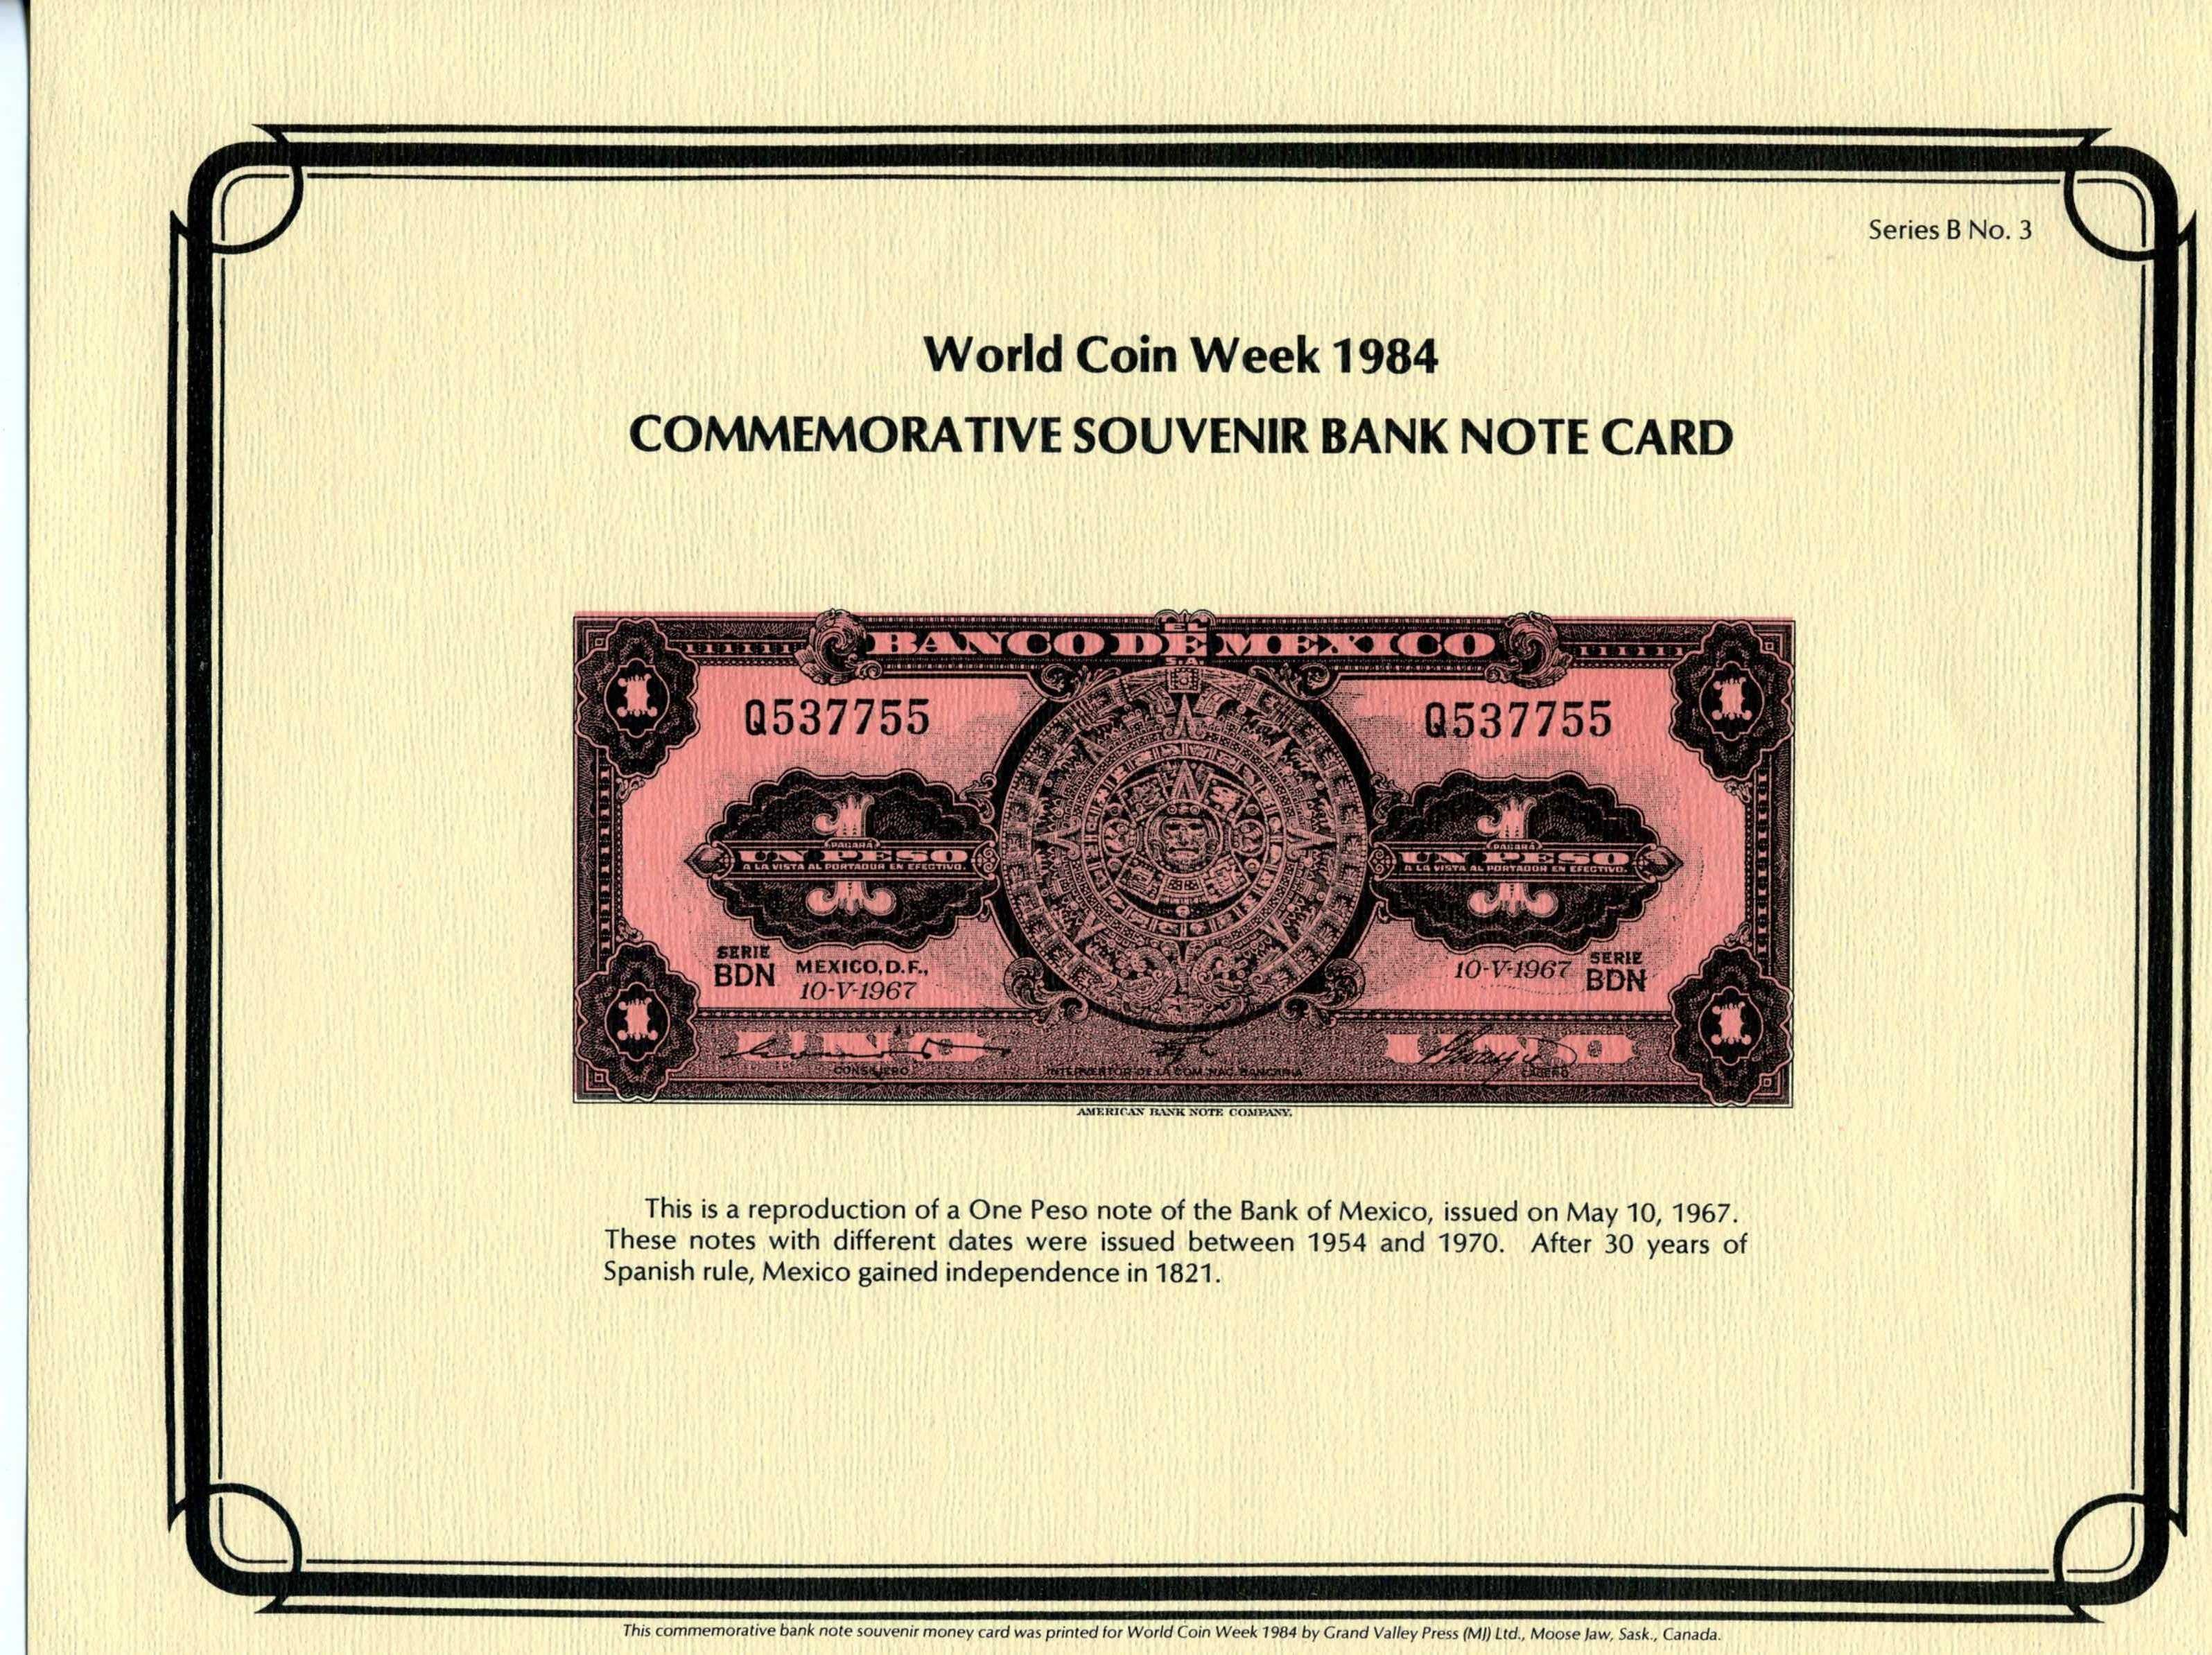 card_WCW1984_B3.jpg